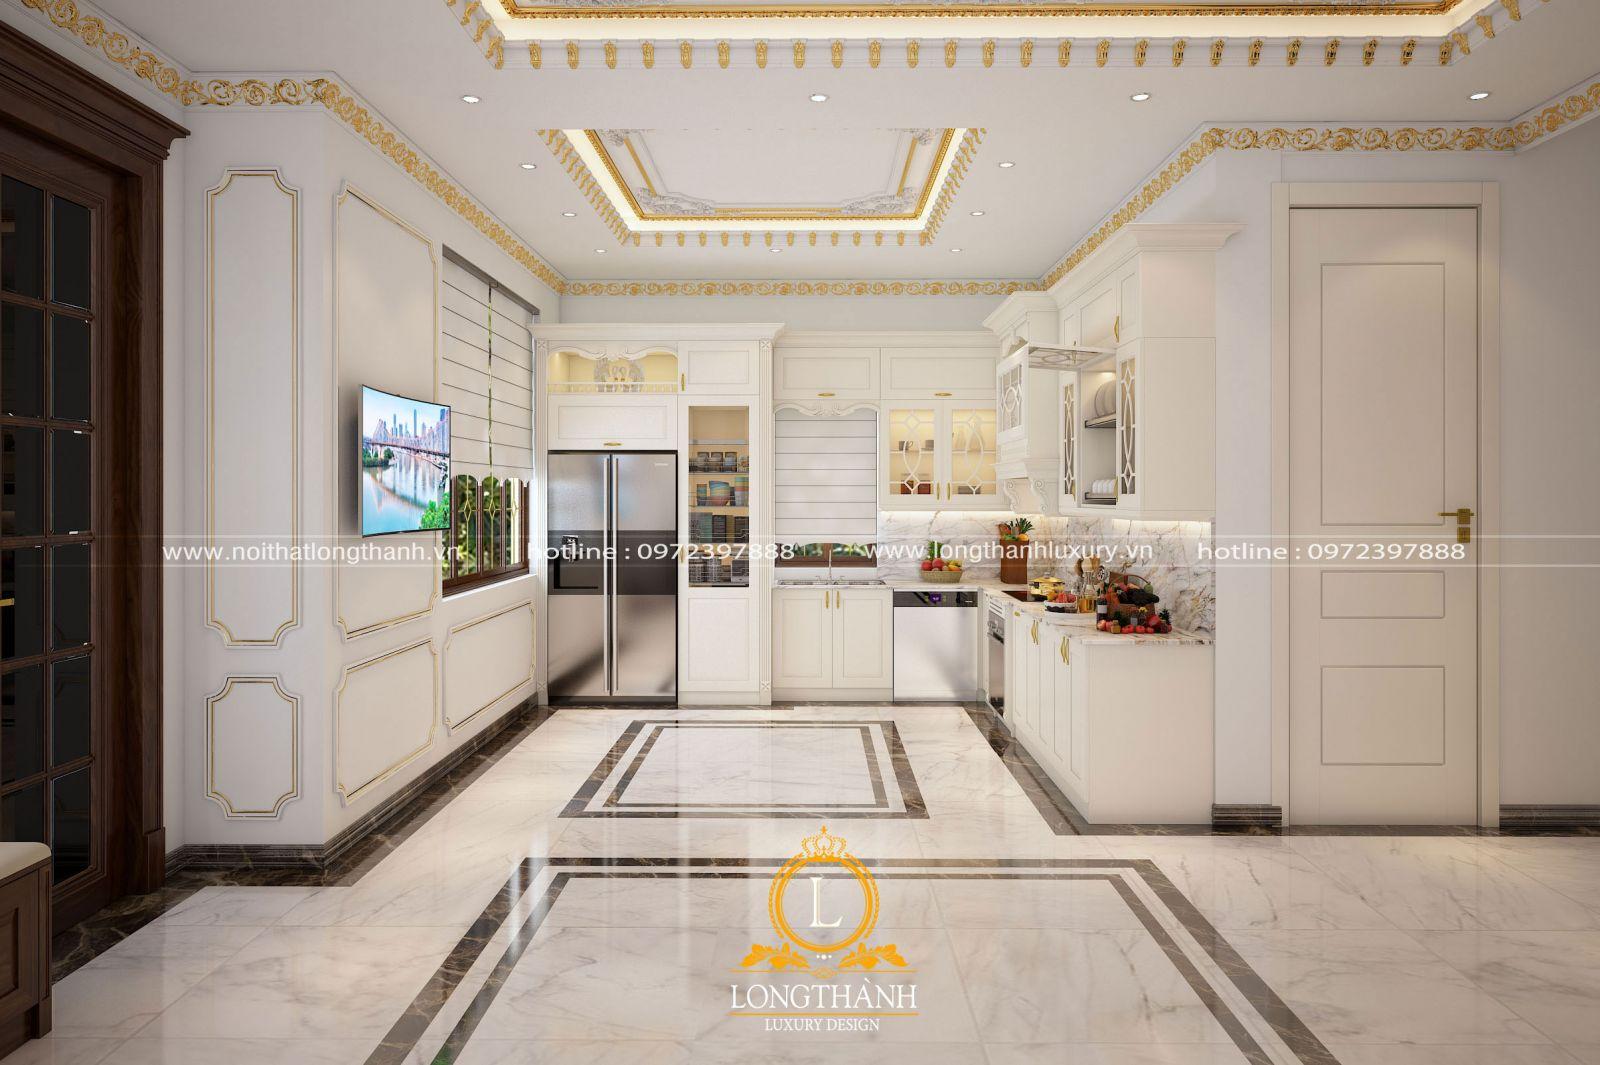 Tủ bếp gỗ sơn trắng mang đến không gian sang trọng và tinh tế